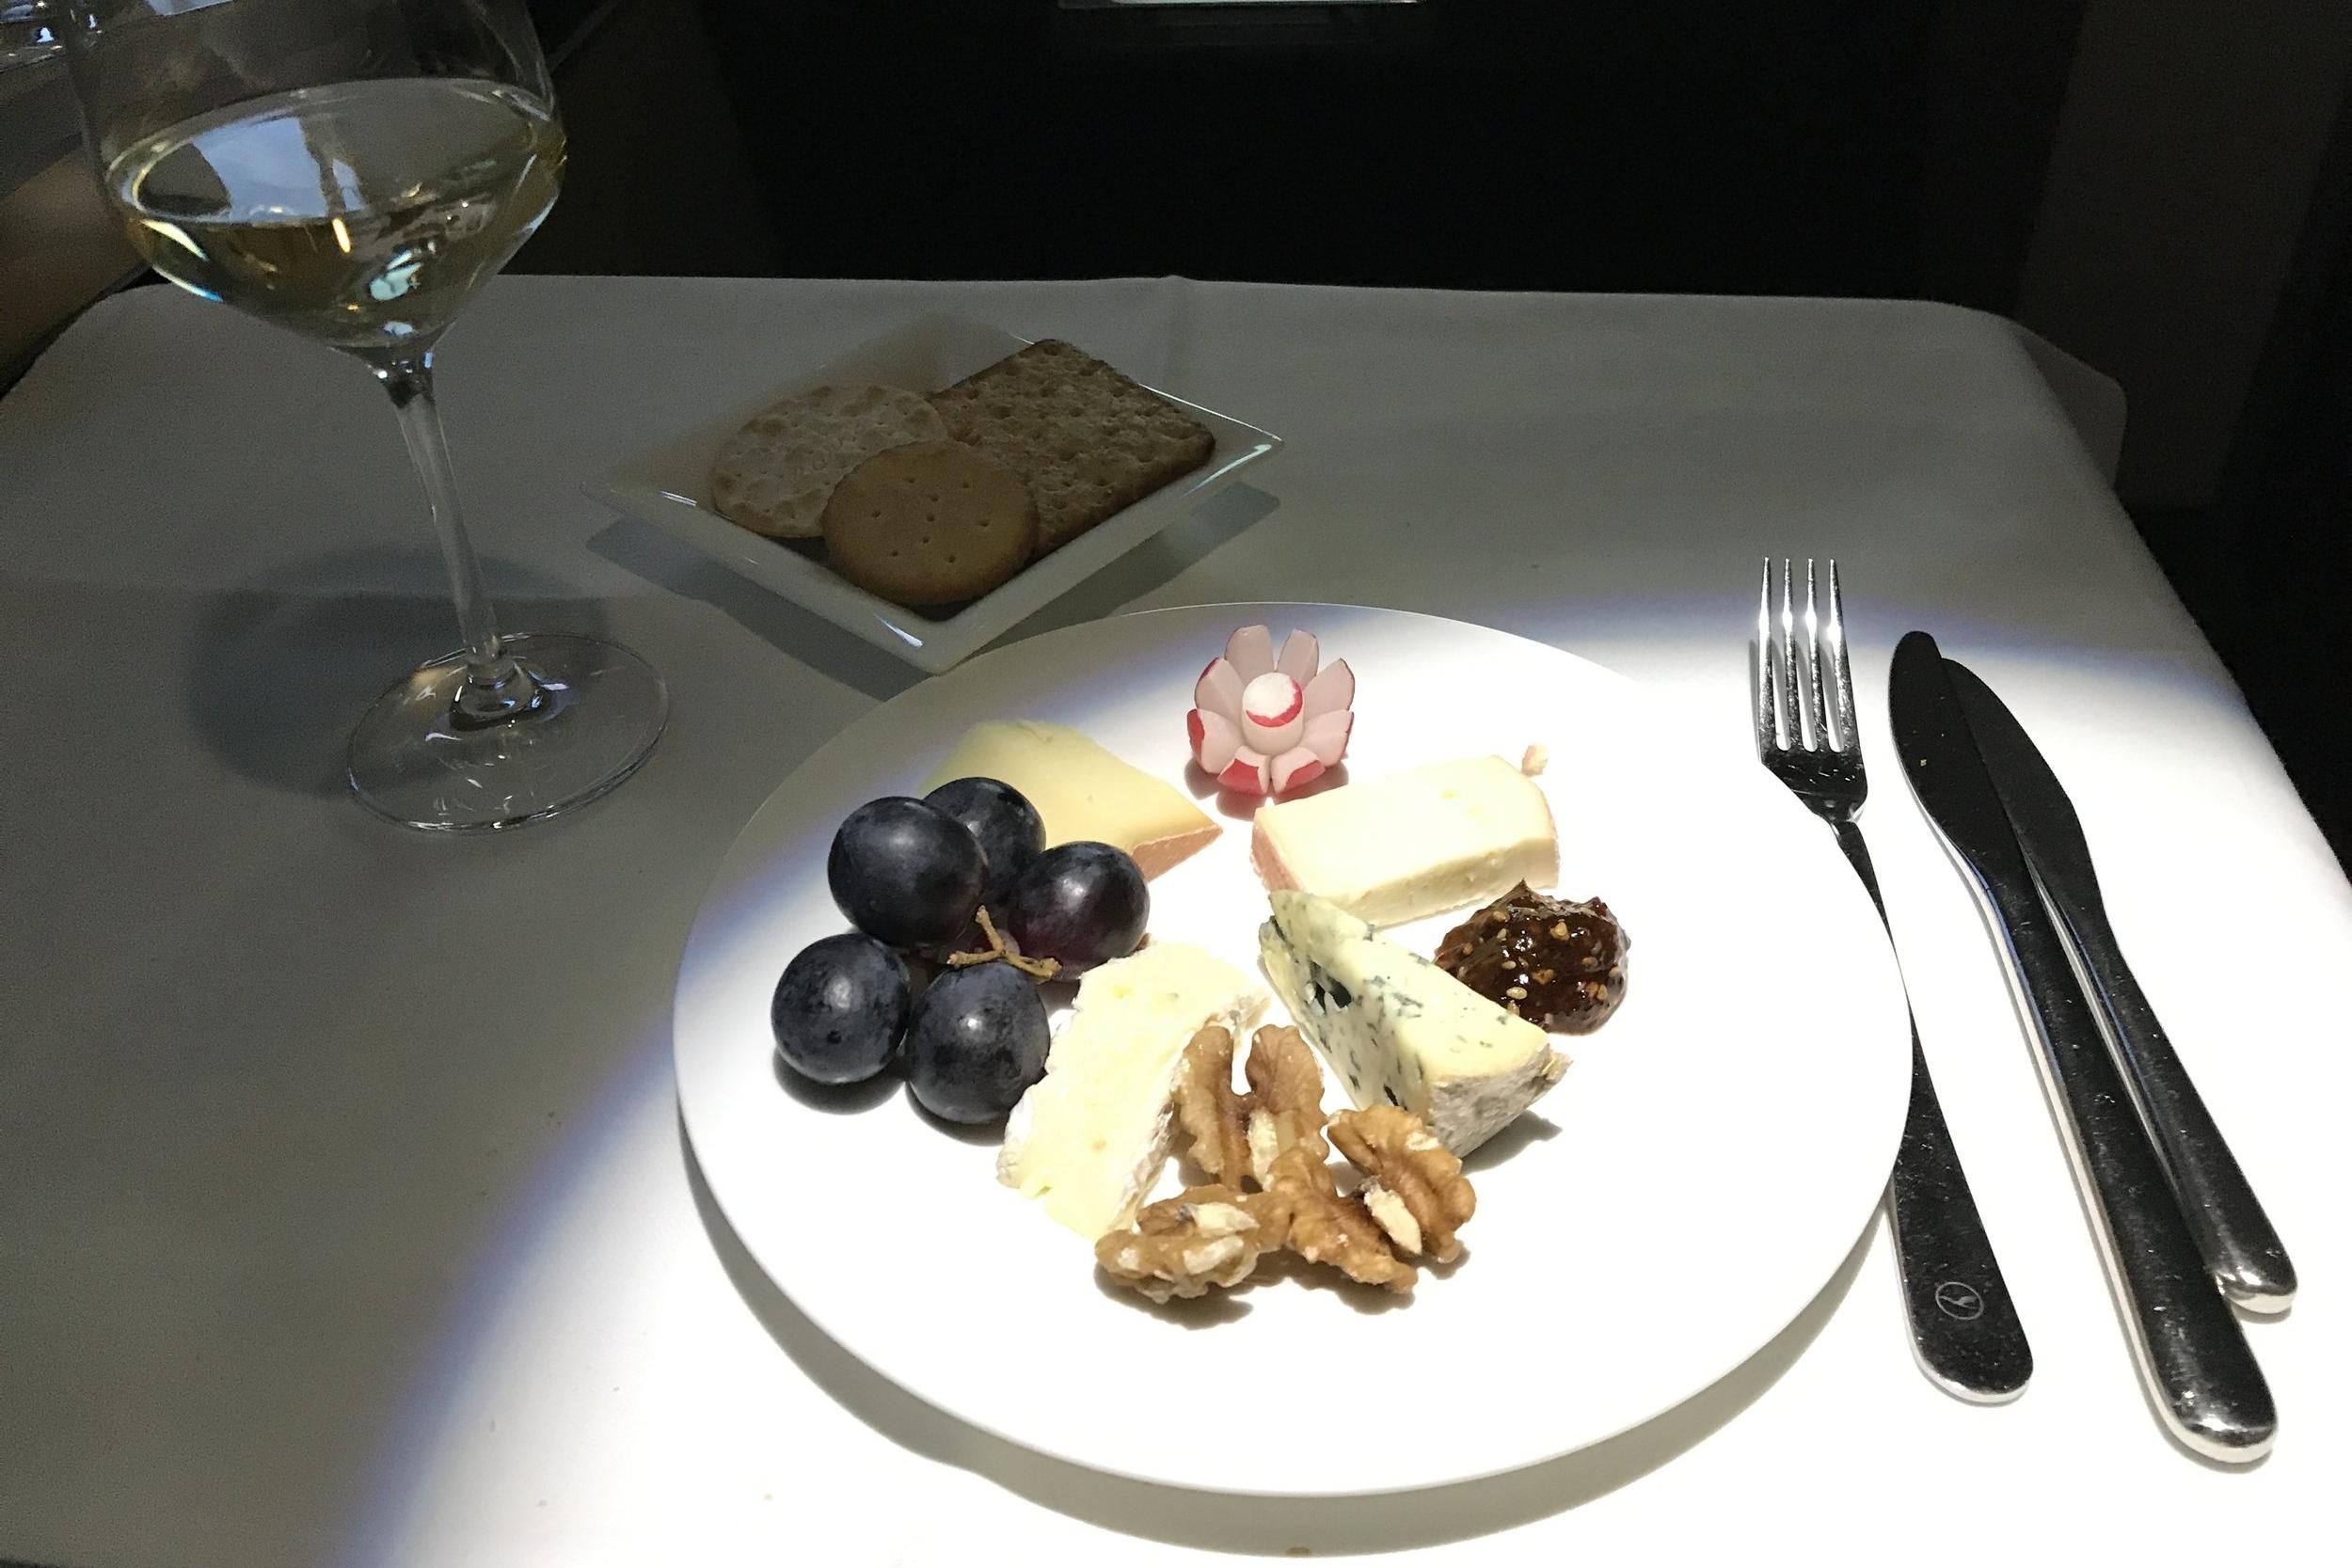 Lufthansa First Class – Cheese plate